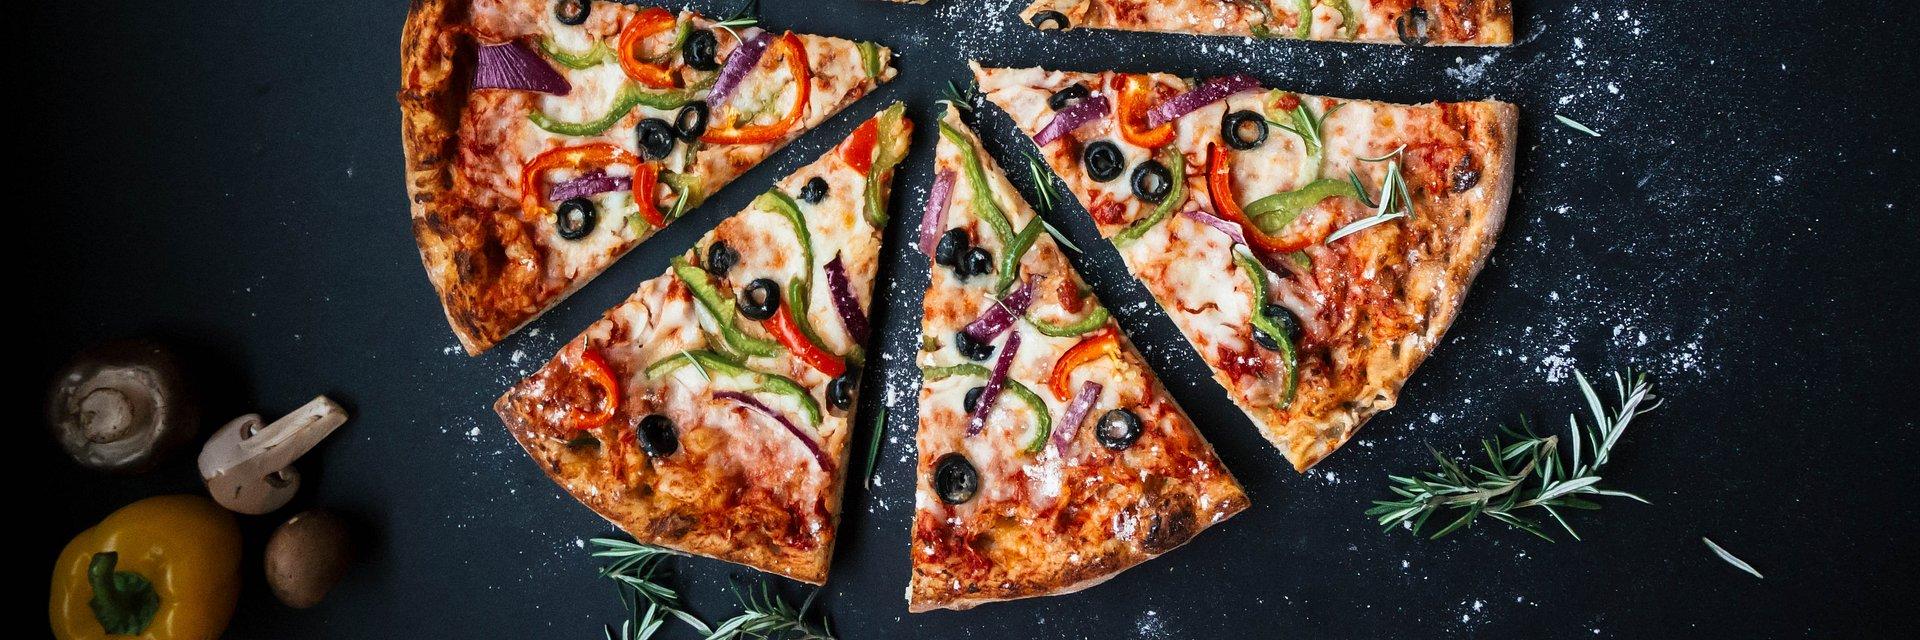 MniammniaM najlepszą pizzerią w Łodzi według użytkowników PizzaPortal.pl